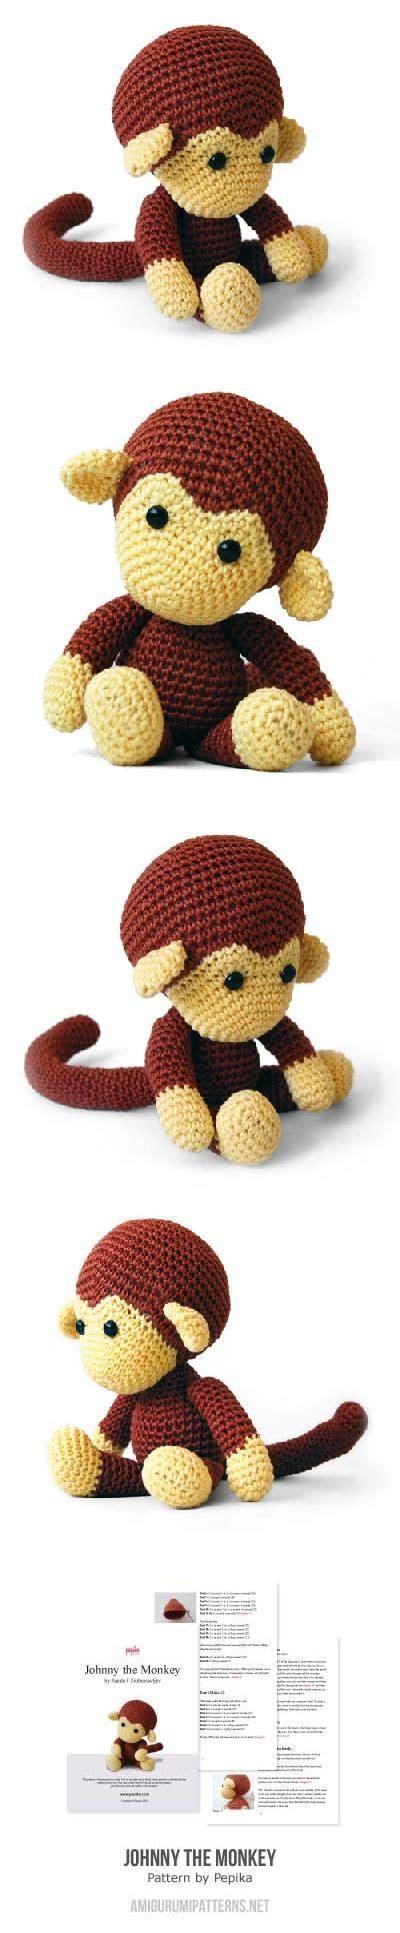 amigurumi pattern johnny the monkey johnny the monkey amigurumi pattern by pepika amigurumi